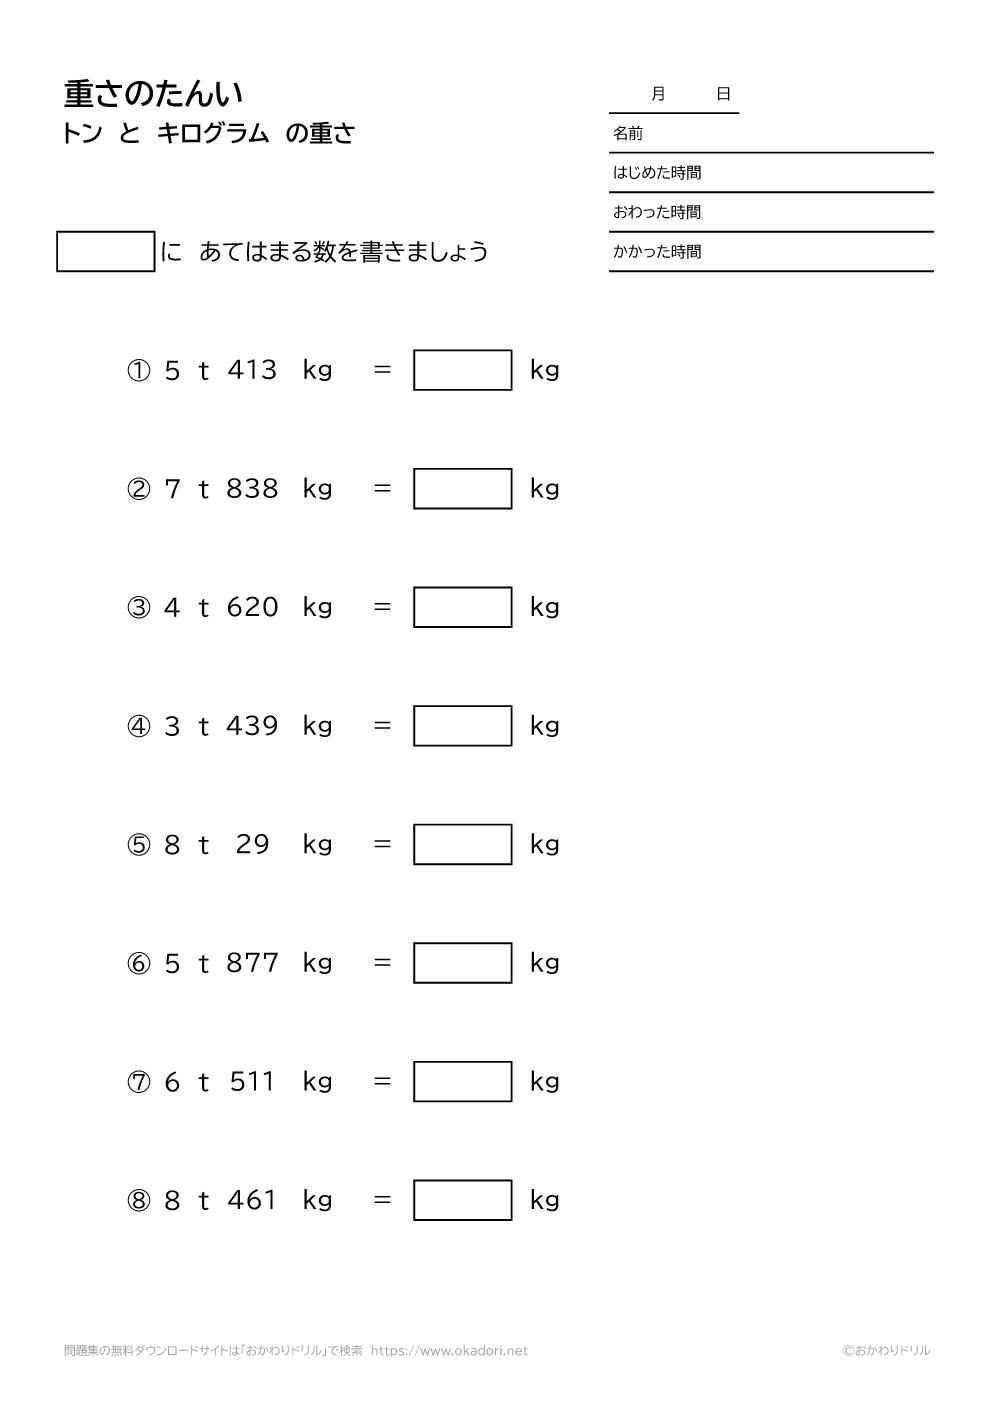 トンとキログラムの重さの単位-2-4